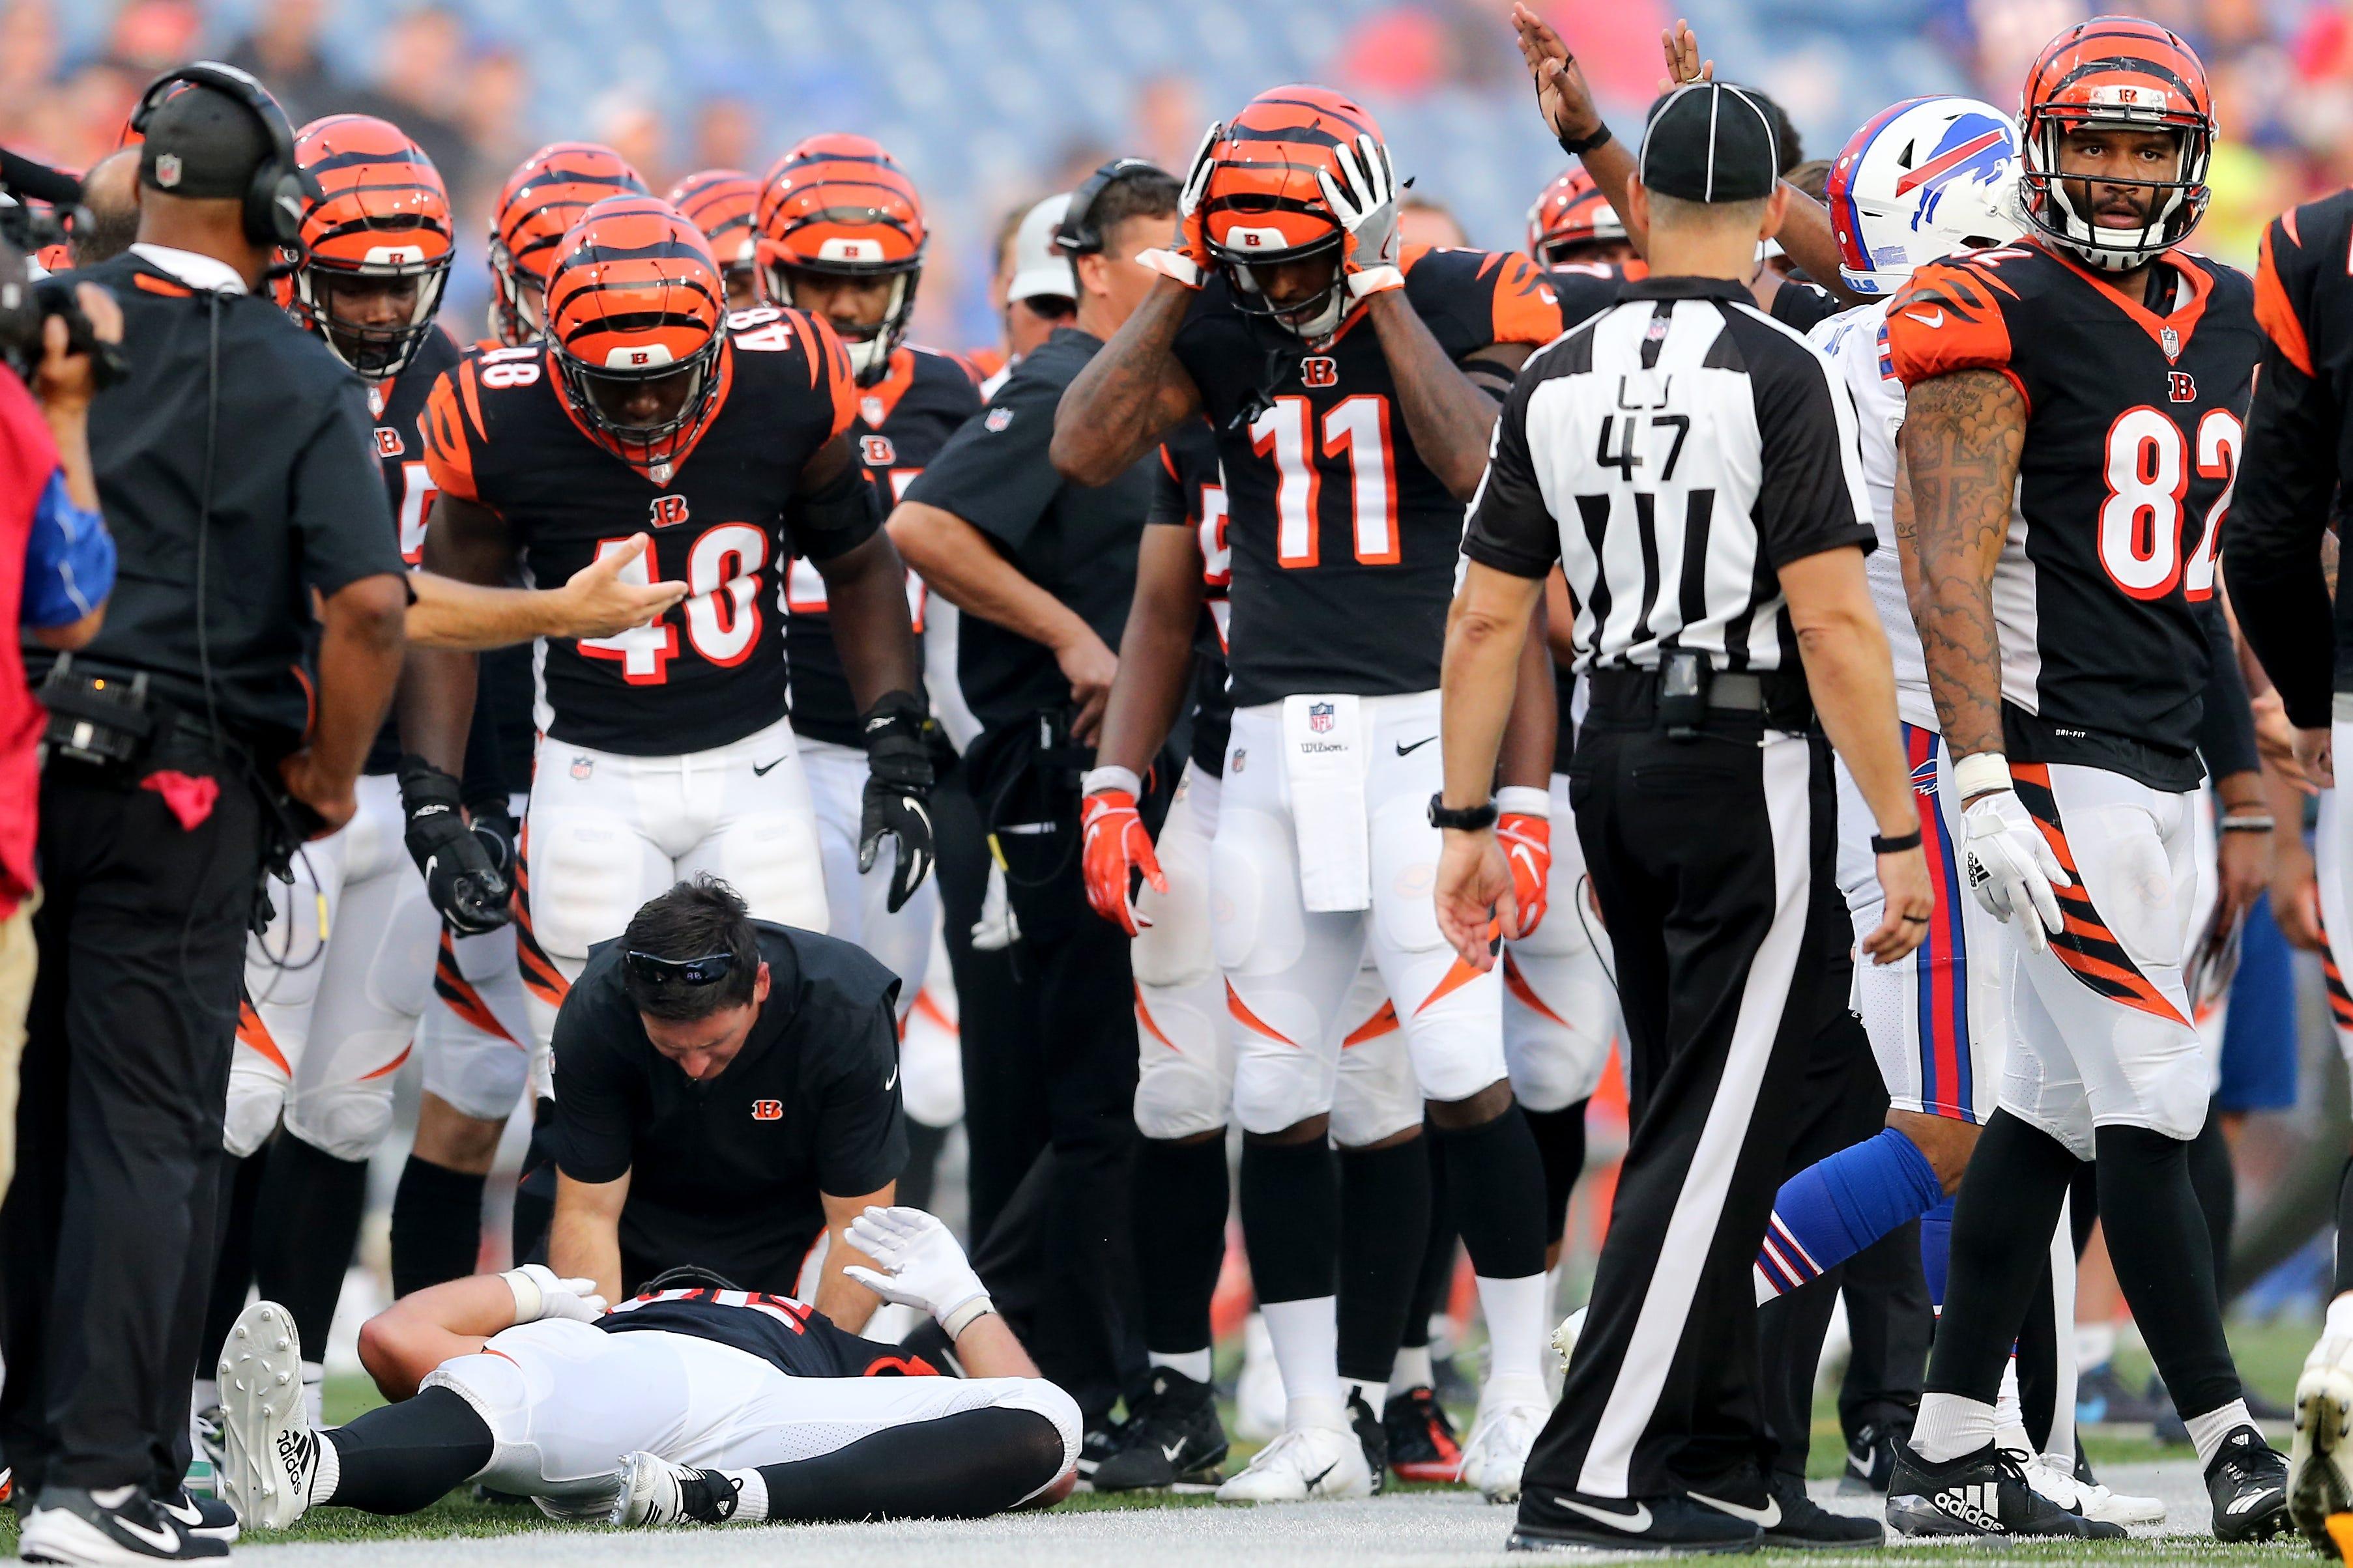 Mason Schreck NFL Jersey